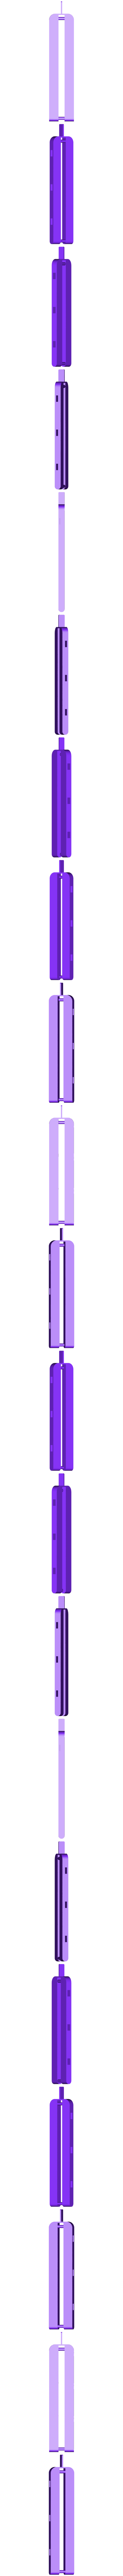 partie mobile.stl Download free STL file Spice organizer • Design to 3D print, bobeche